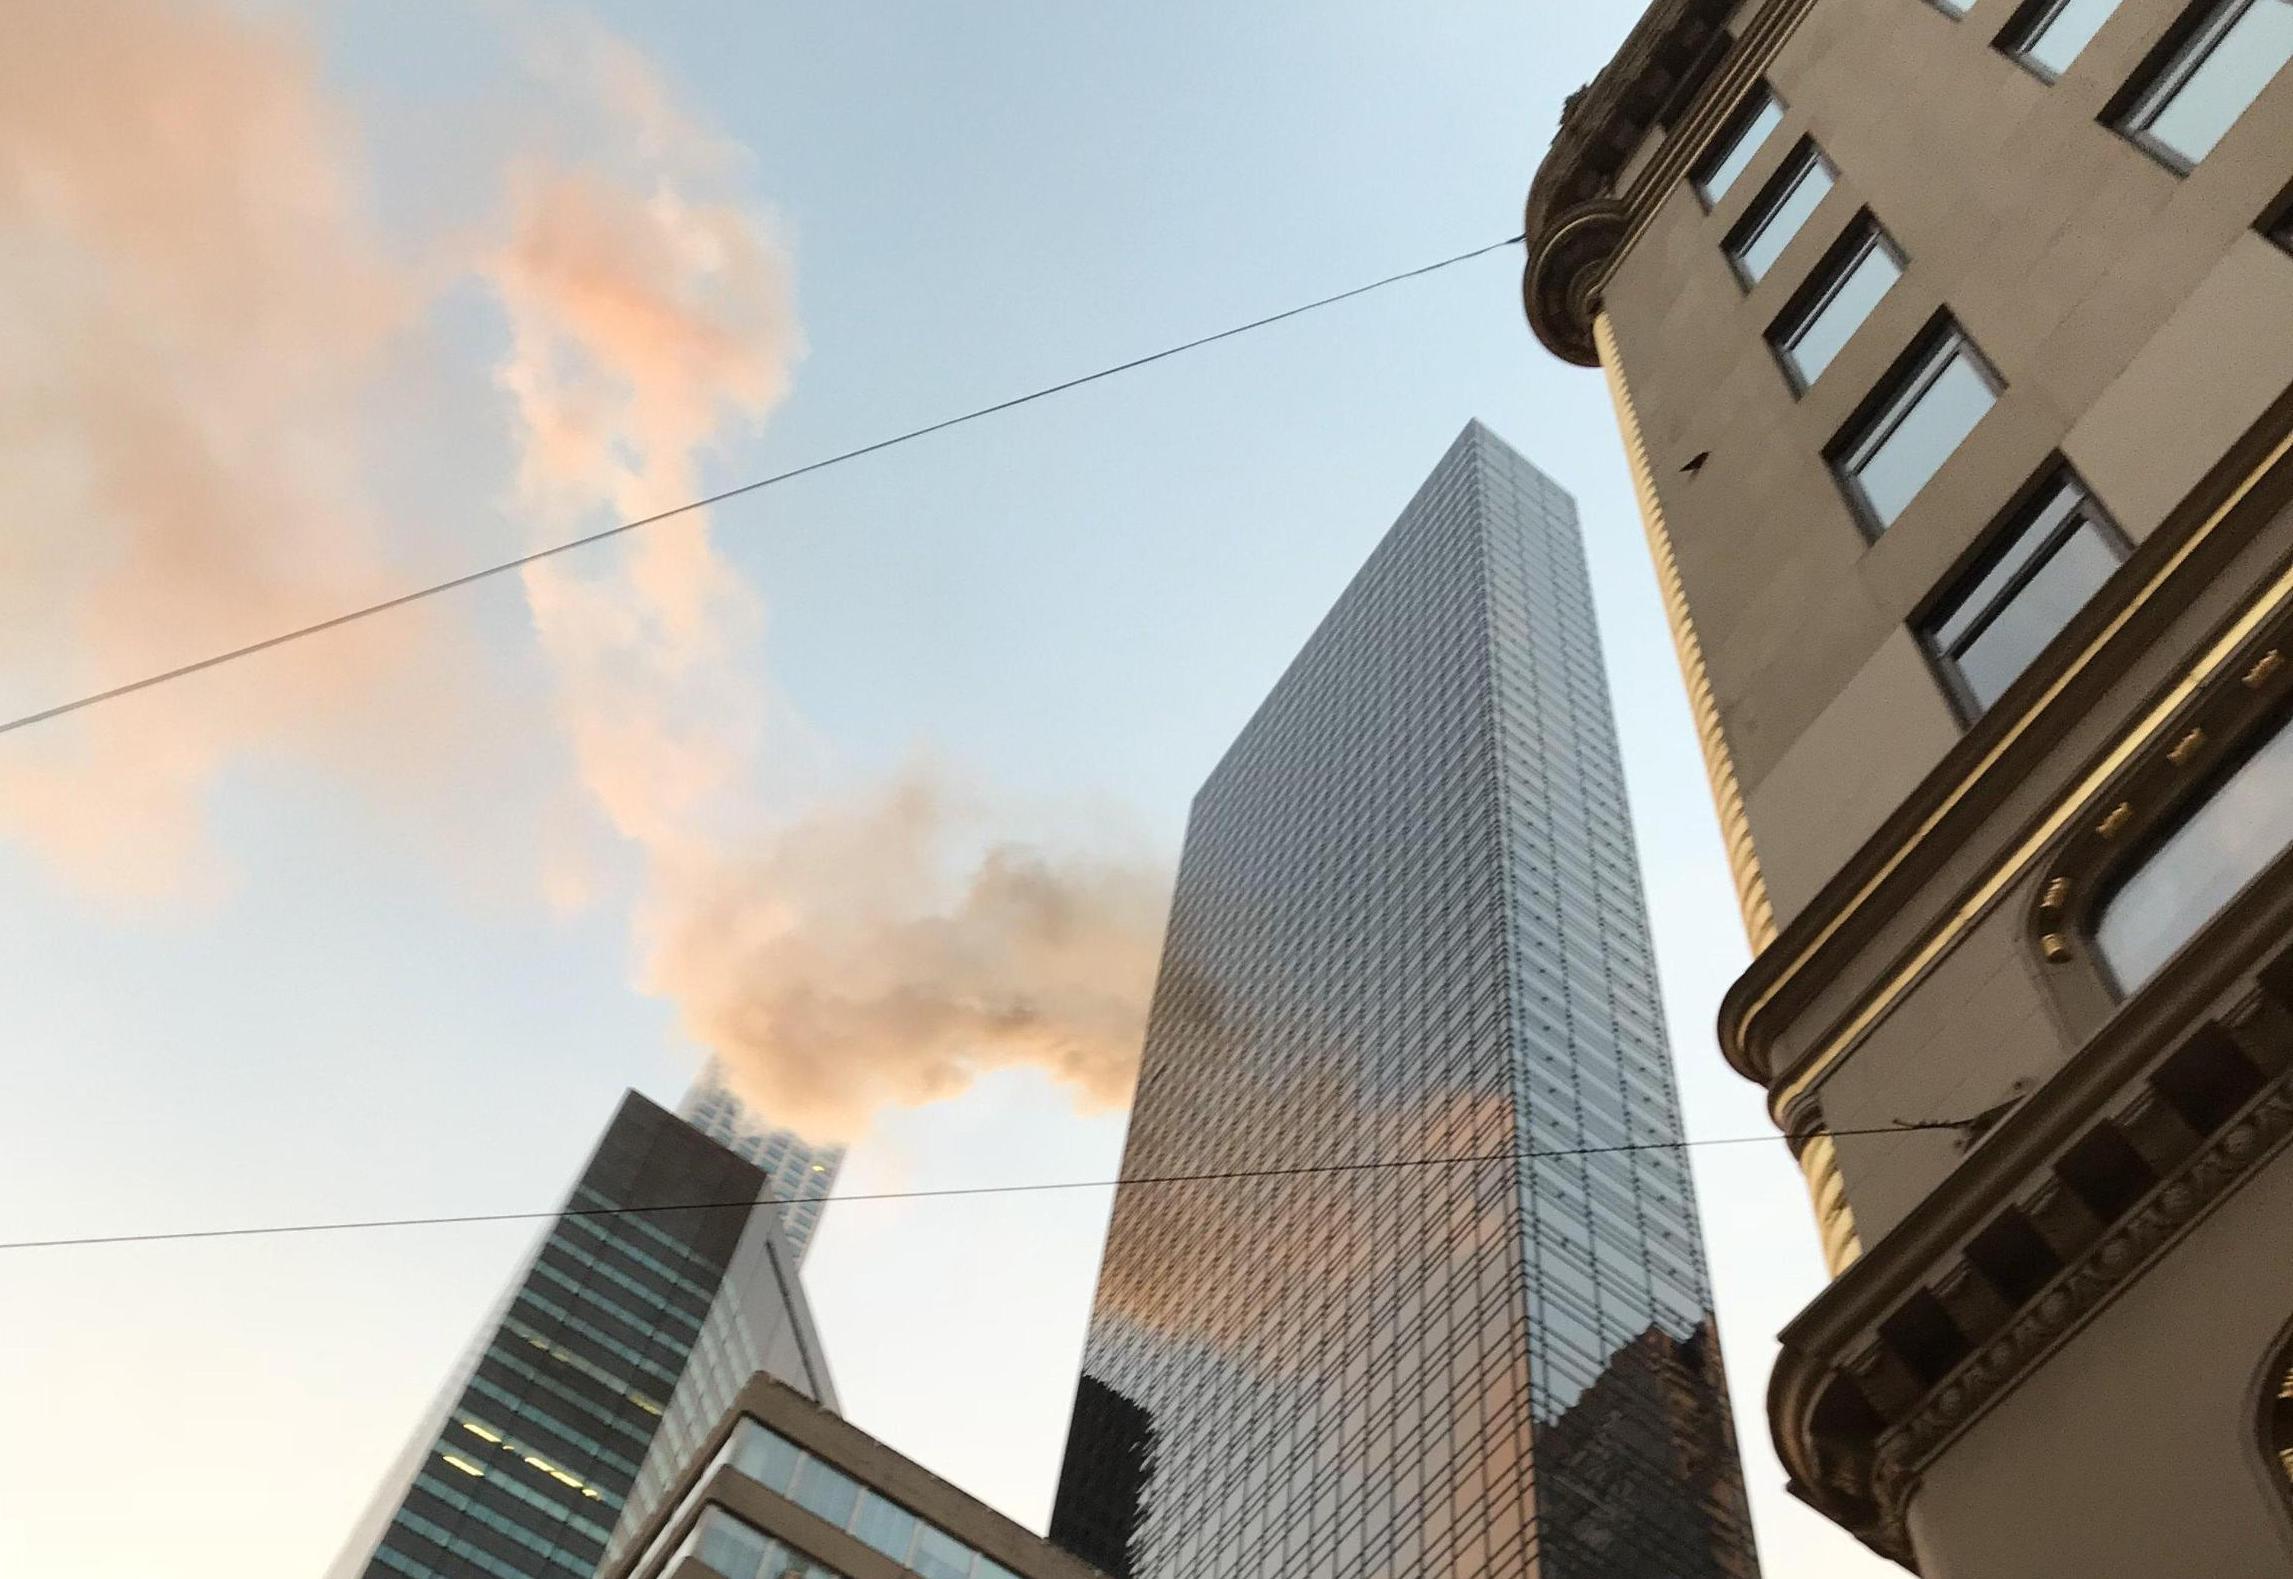 Incendio alla Trump Tower a New York, due feriti: la causa un cortocircuito